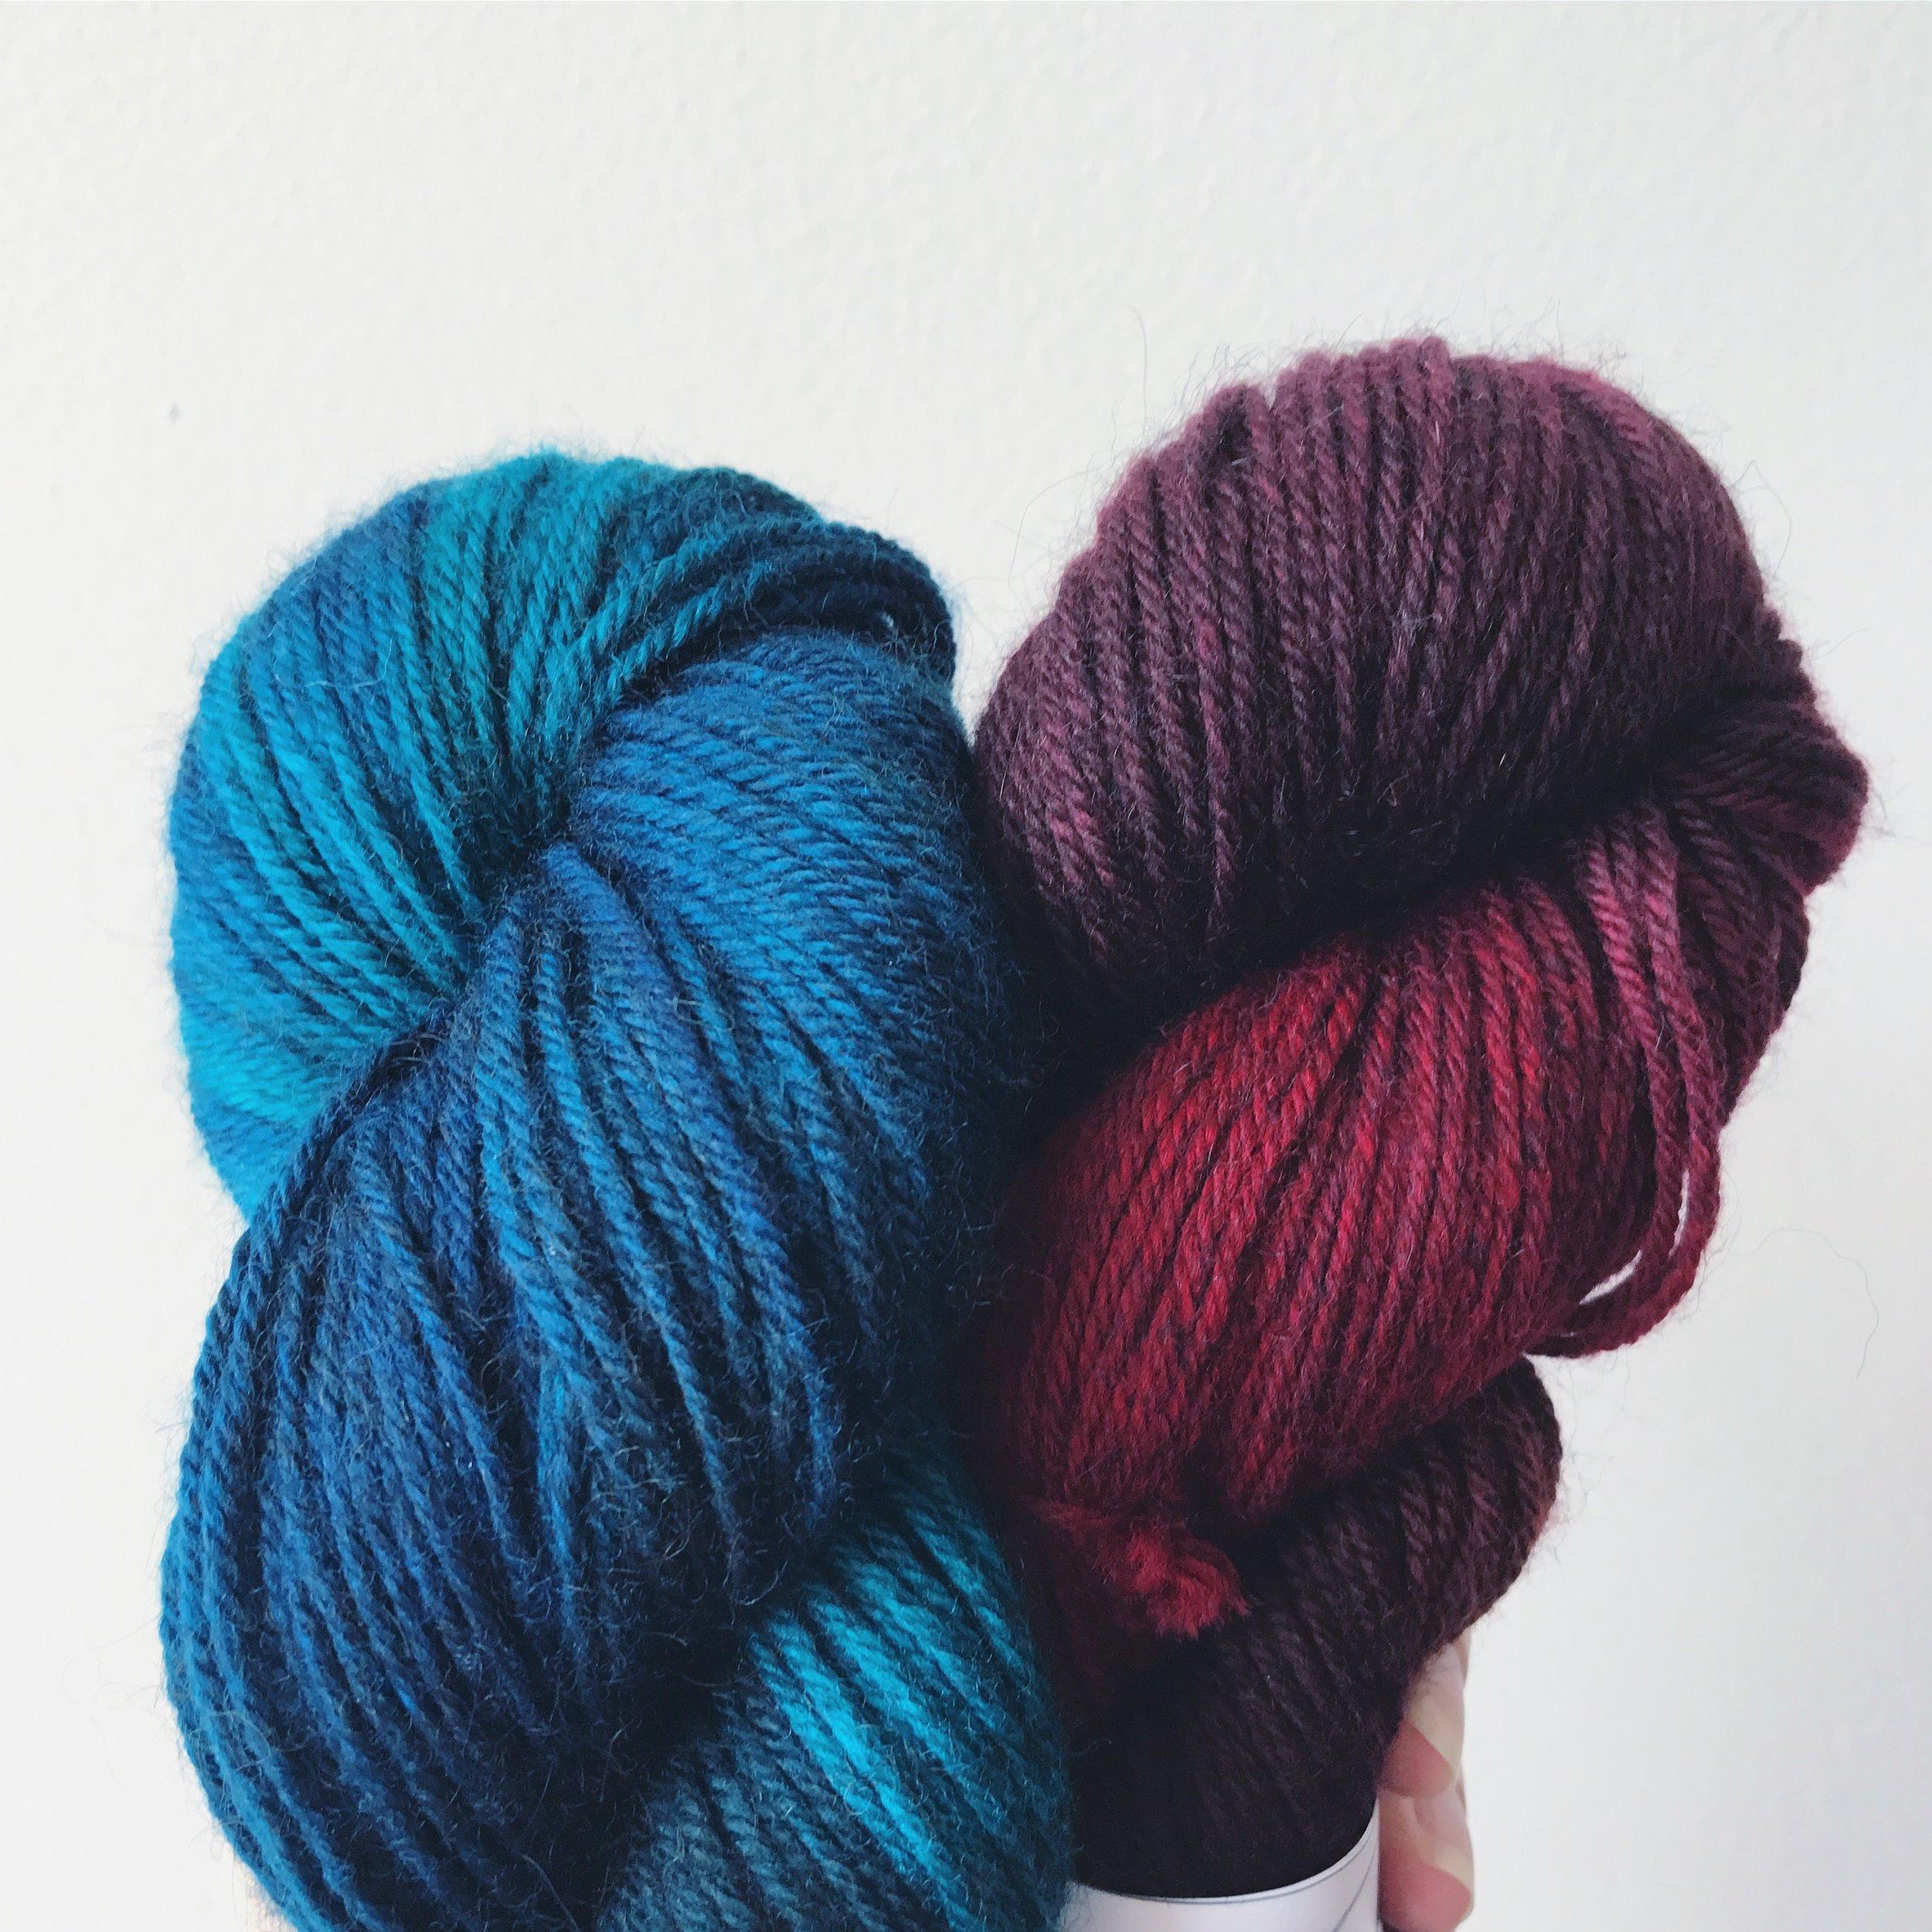 Lorna's Laces, Alperino, Harrison &Red Rover Image © Firefly Fiber Arts Studio